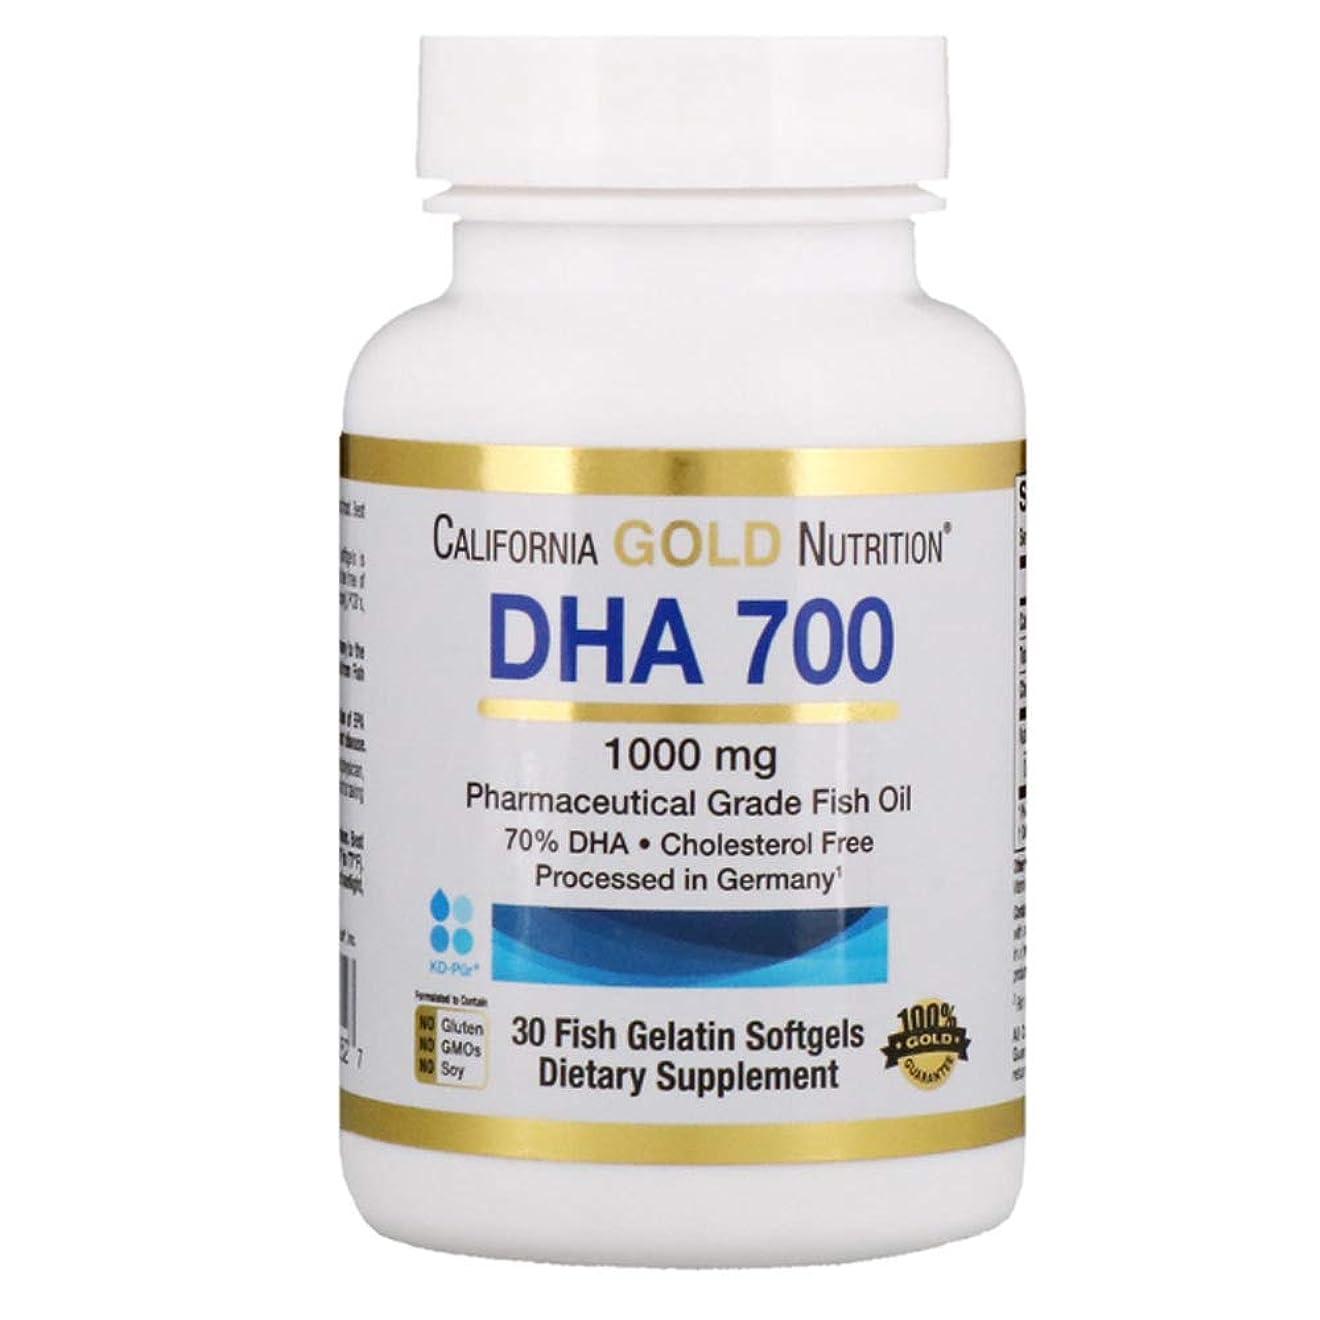 リクルート依存する省California Gold Nutrition DHA 700 フィッシュオイル 医薬品グレード 1000 mg 魚ゼラチンソフトジェル 30個 【アメリカ直送】